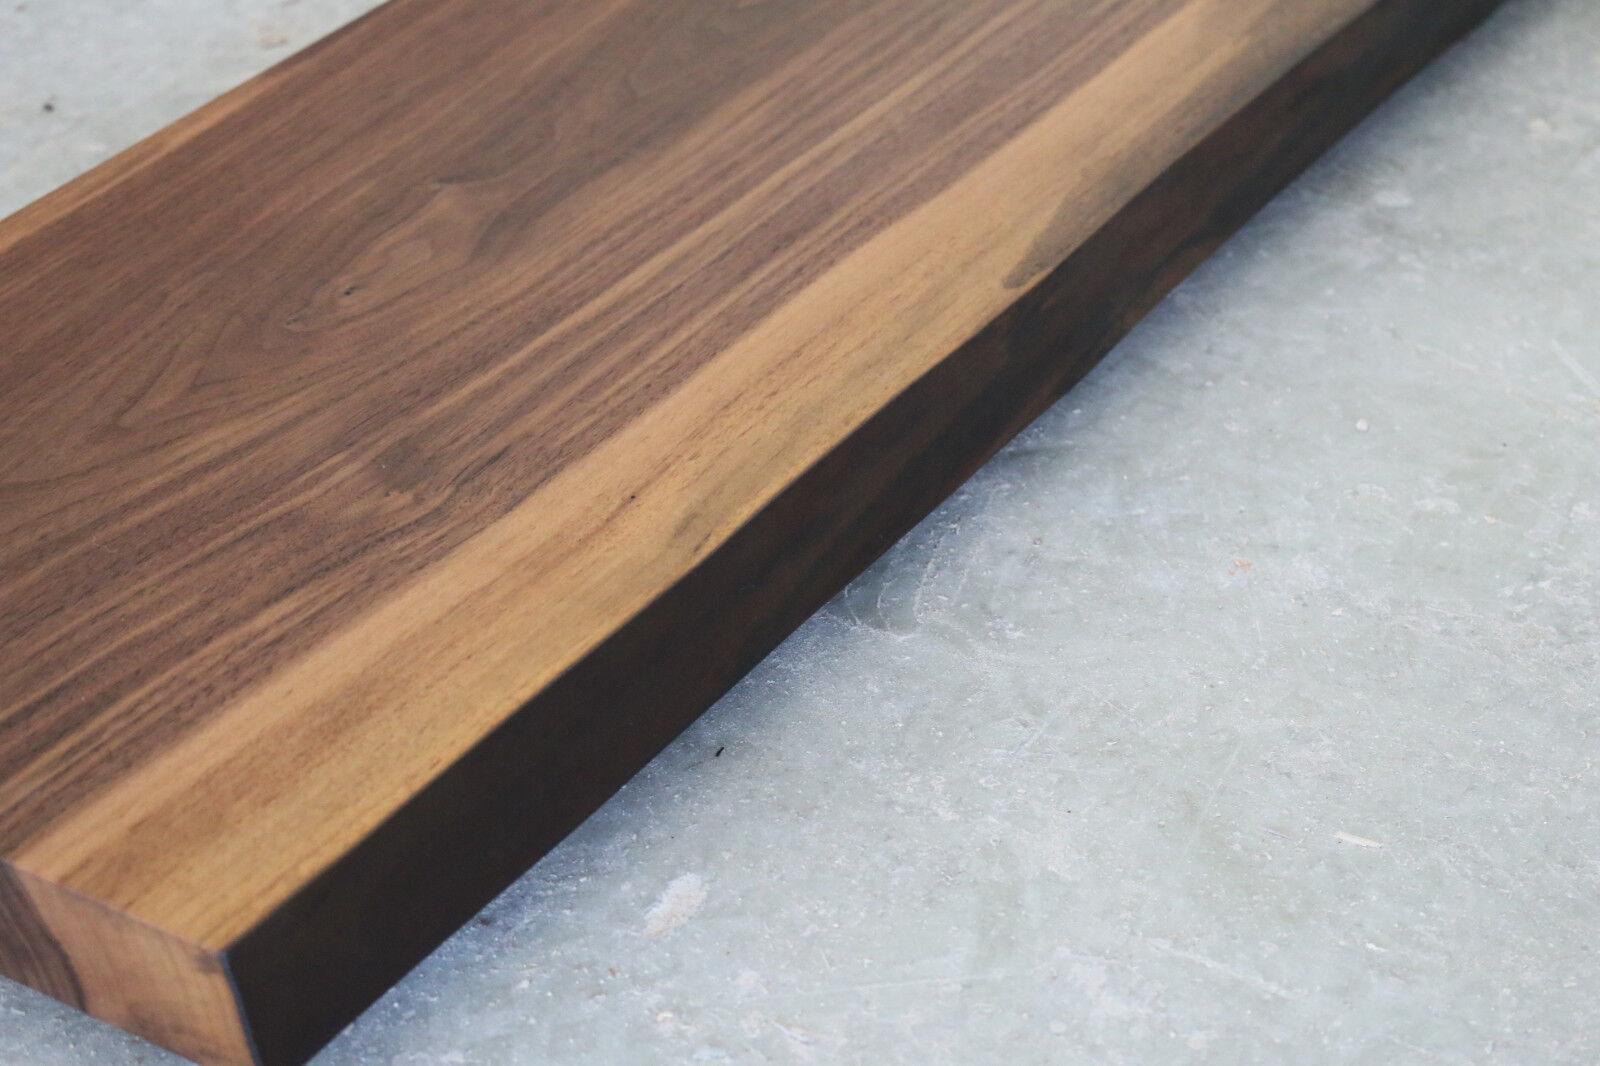 platte nussbaum massiv holz mit baumkante leimholz tischplatte waschtischplatte eur 180 00. Black Bedroom Furniture Sets. Home Design Ideas